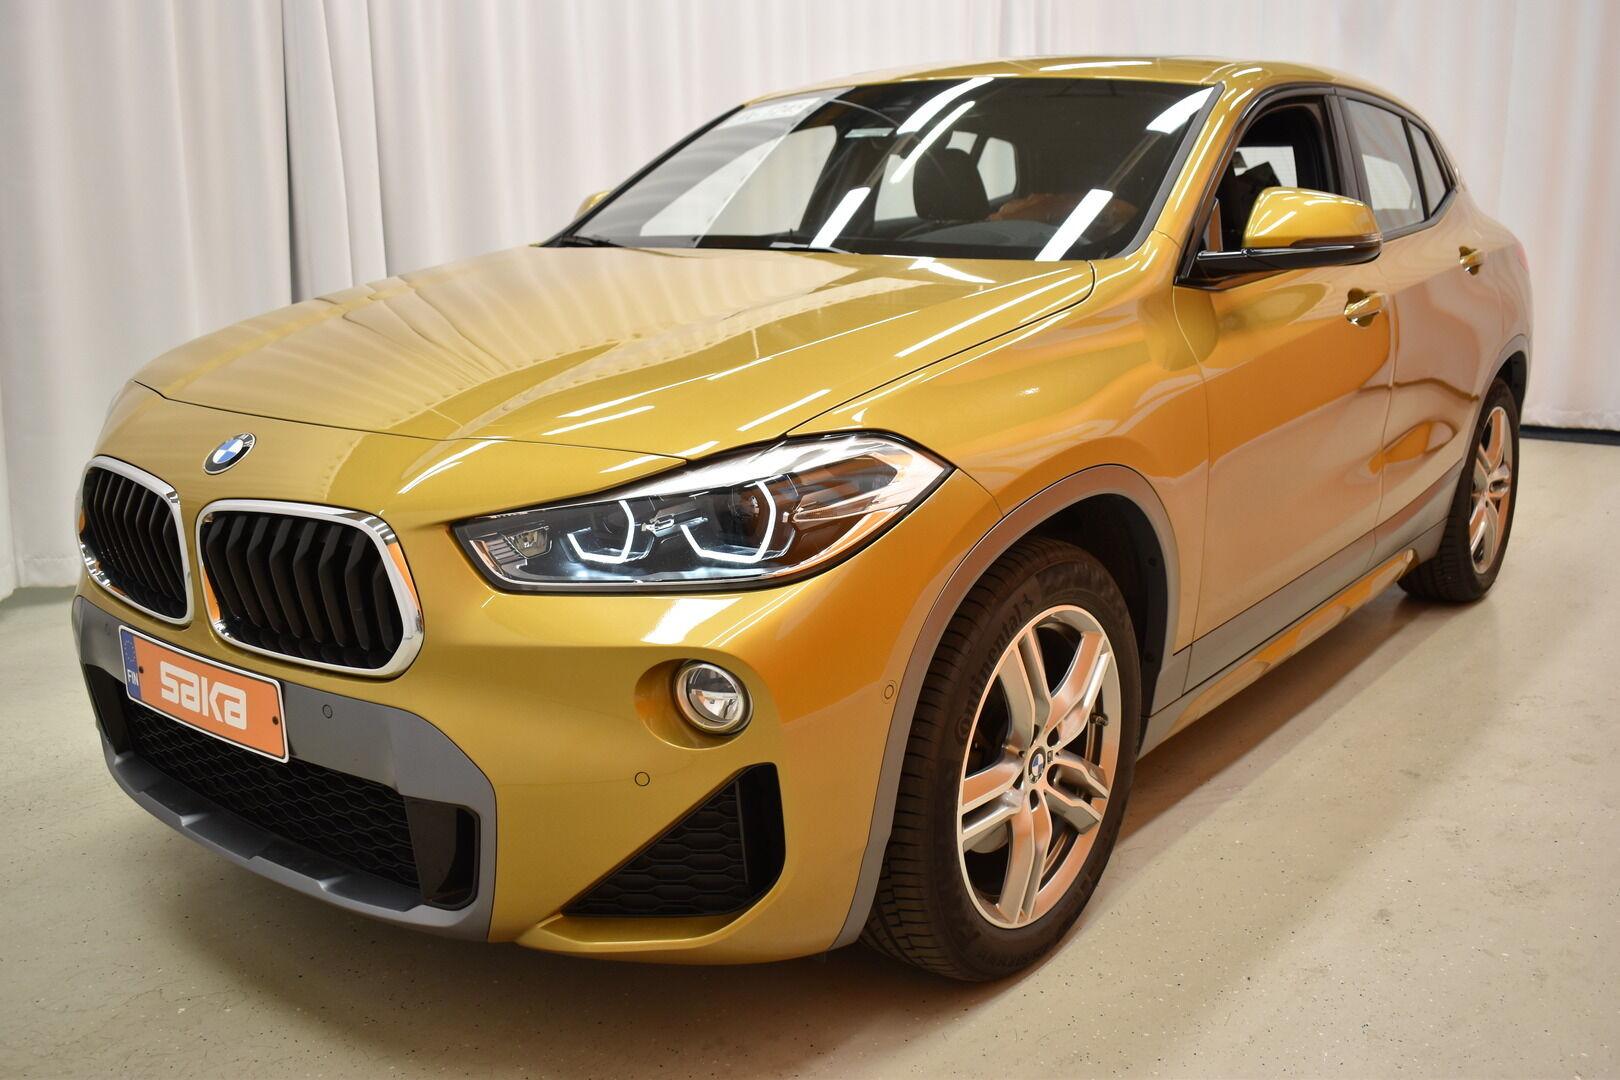 Keltainen Maastoauto, BMW X2 – LAH-64417, kuva 1